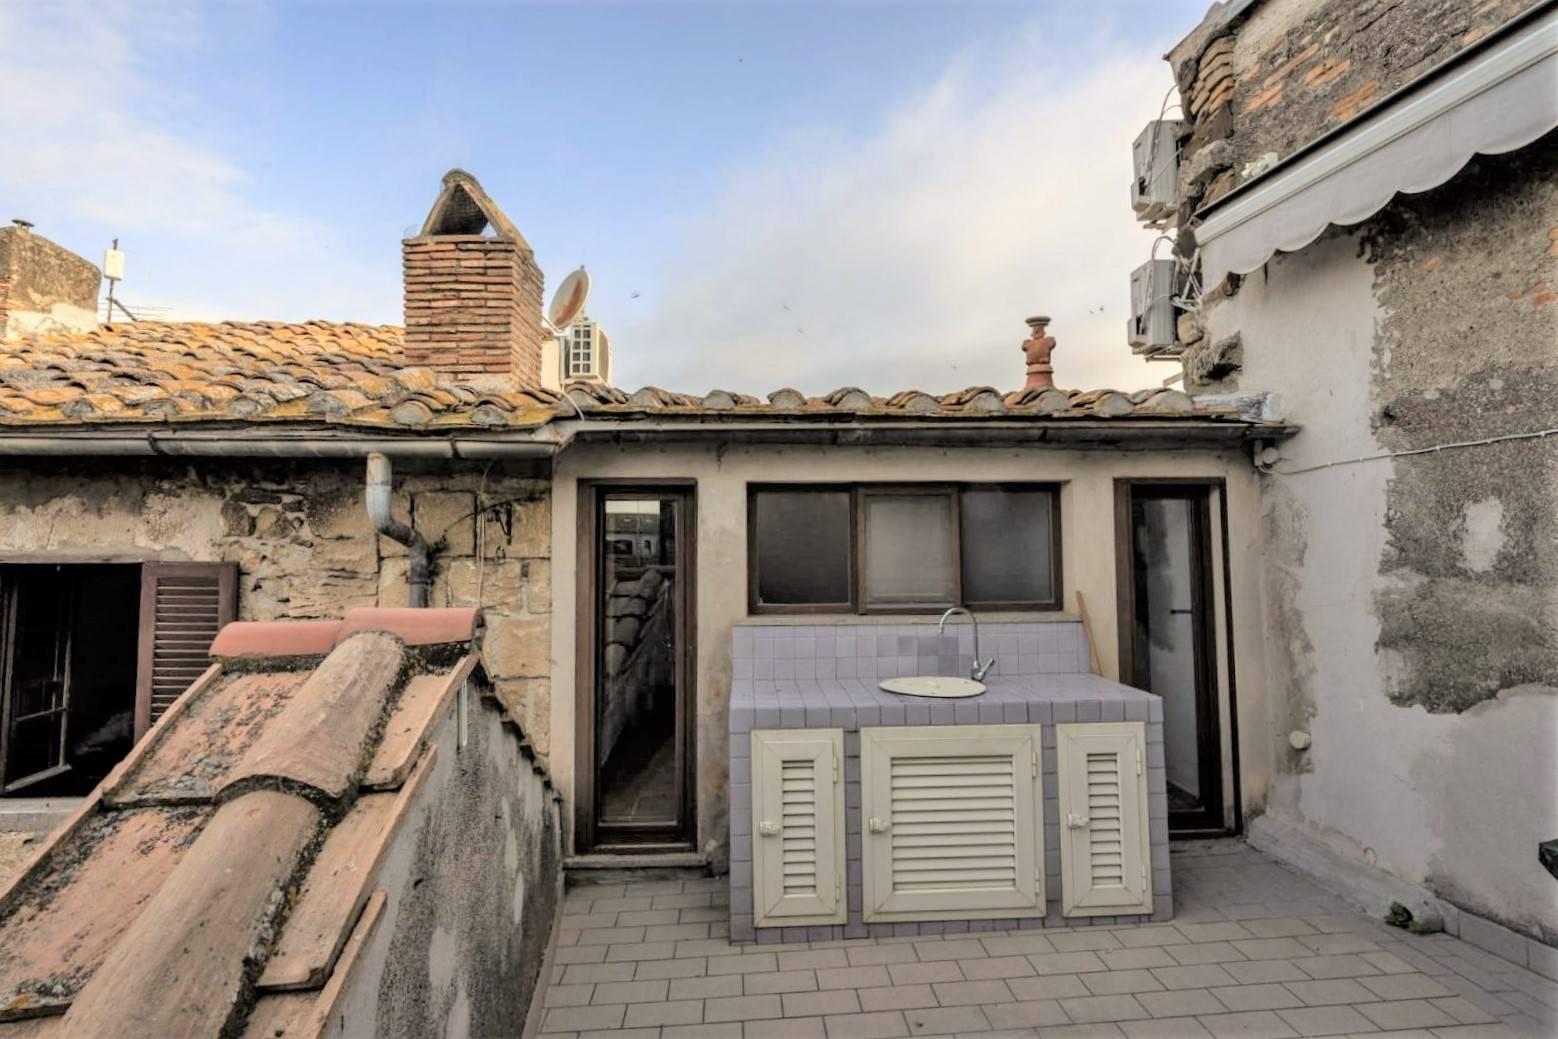 Appartamento in vendita a Tarquinia, 6 locali, zona Località: CentroStorico, prezzo € 215.000 | PortaleAgenzieImmobiliari.it